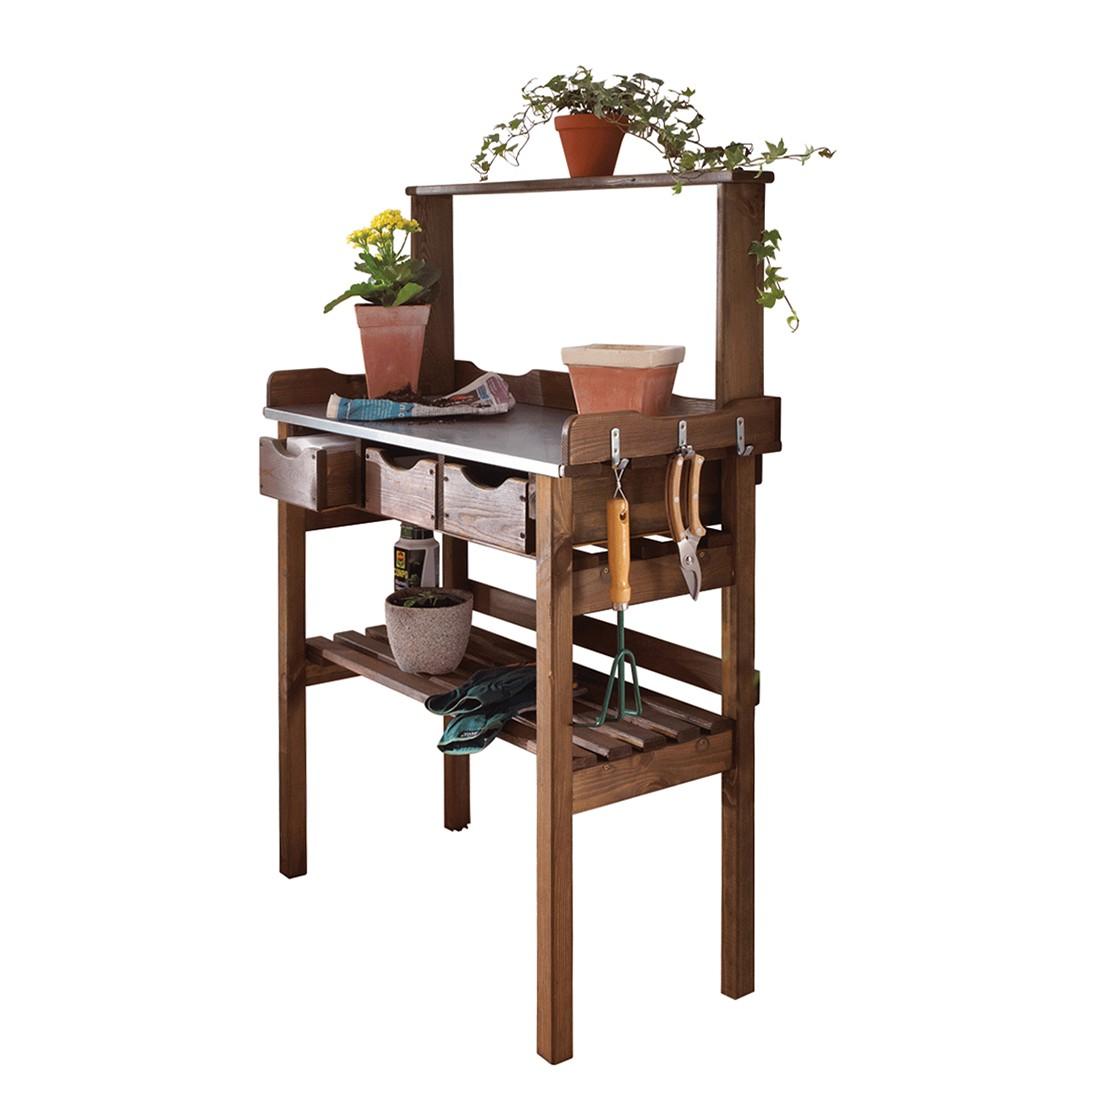 pflanzk bel holz g nstig kaufen. Black Bedroom Furniture Sets. Home Design Ideas